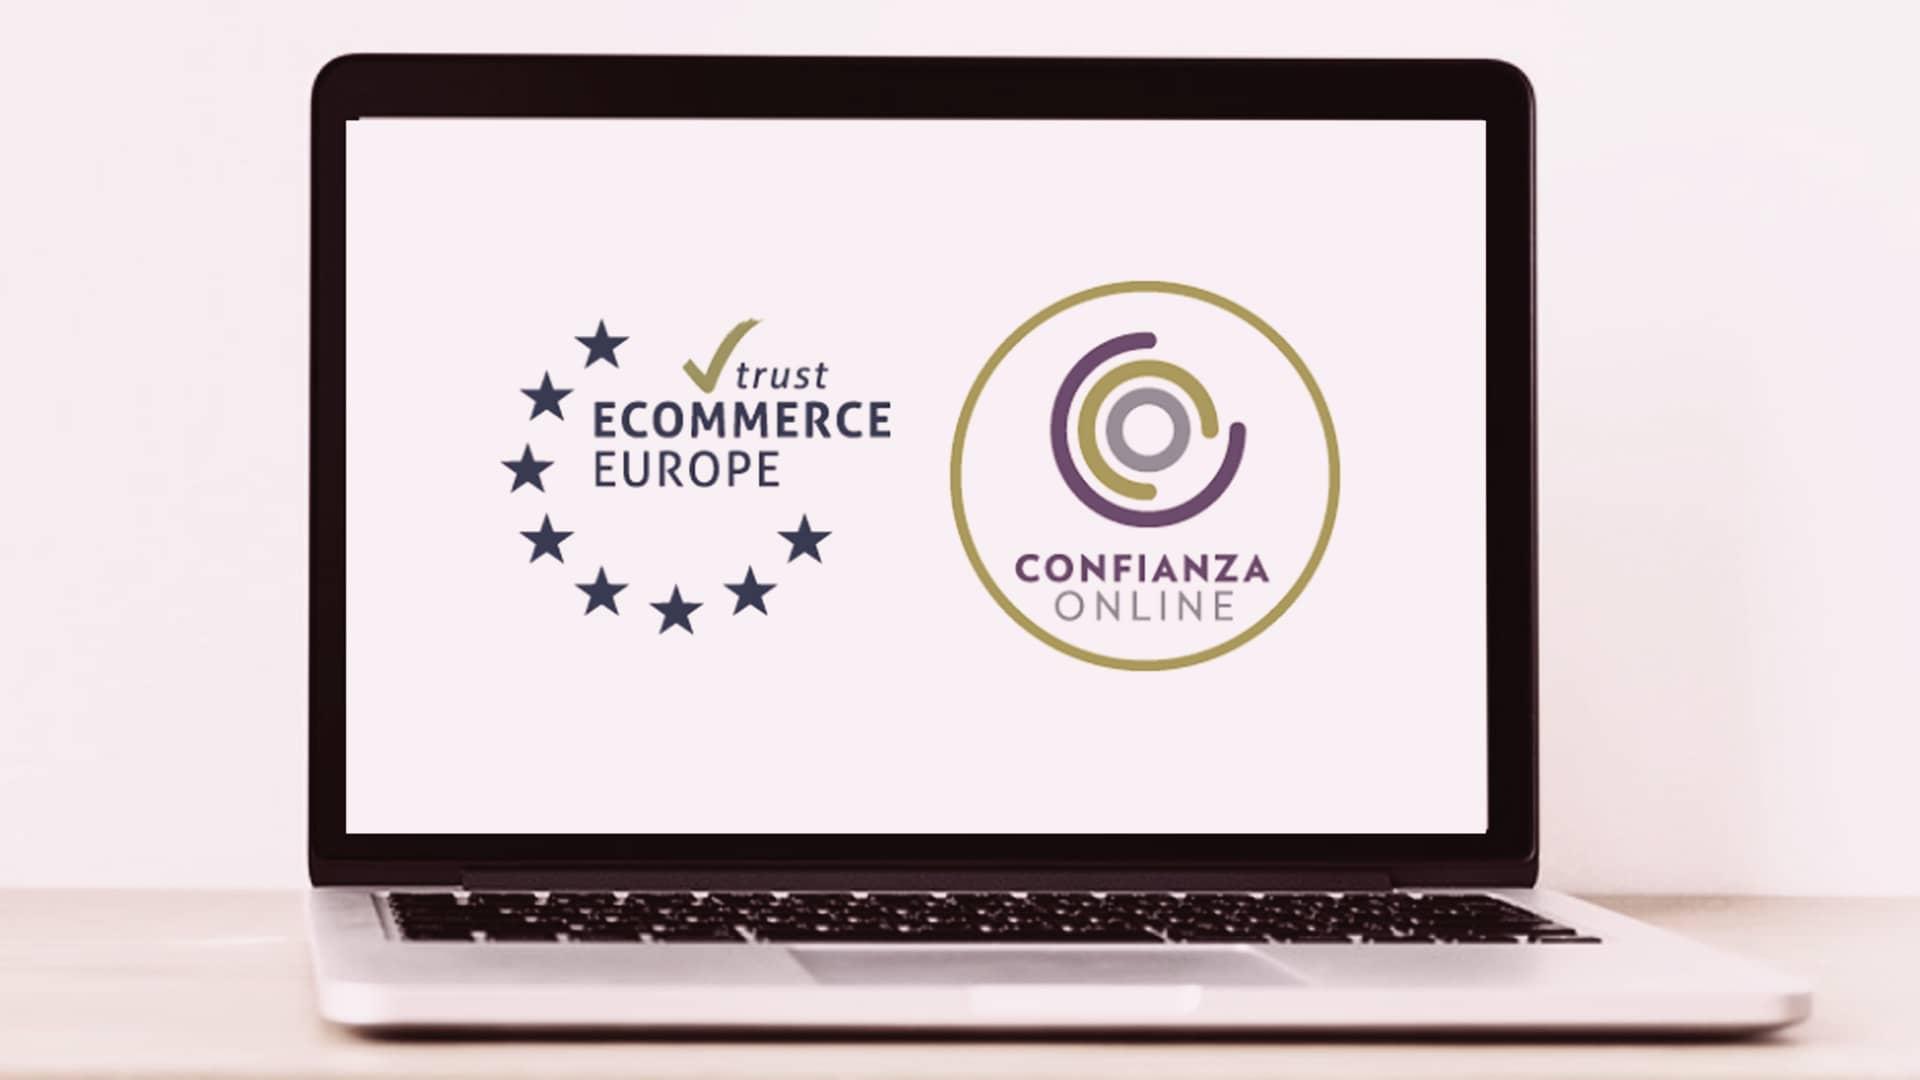 Fin del Geobloqueo en las compras online transfronterizas de la Unión Europea